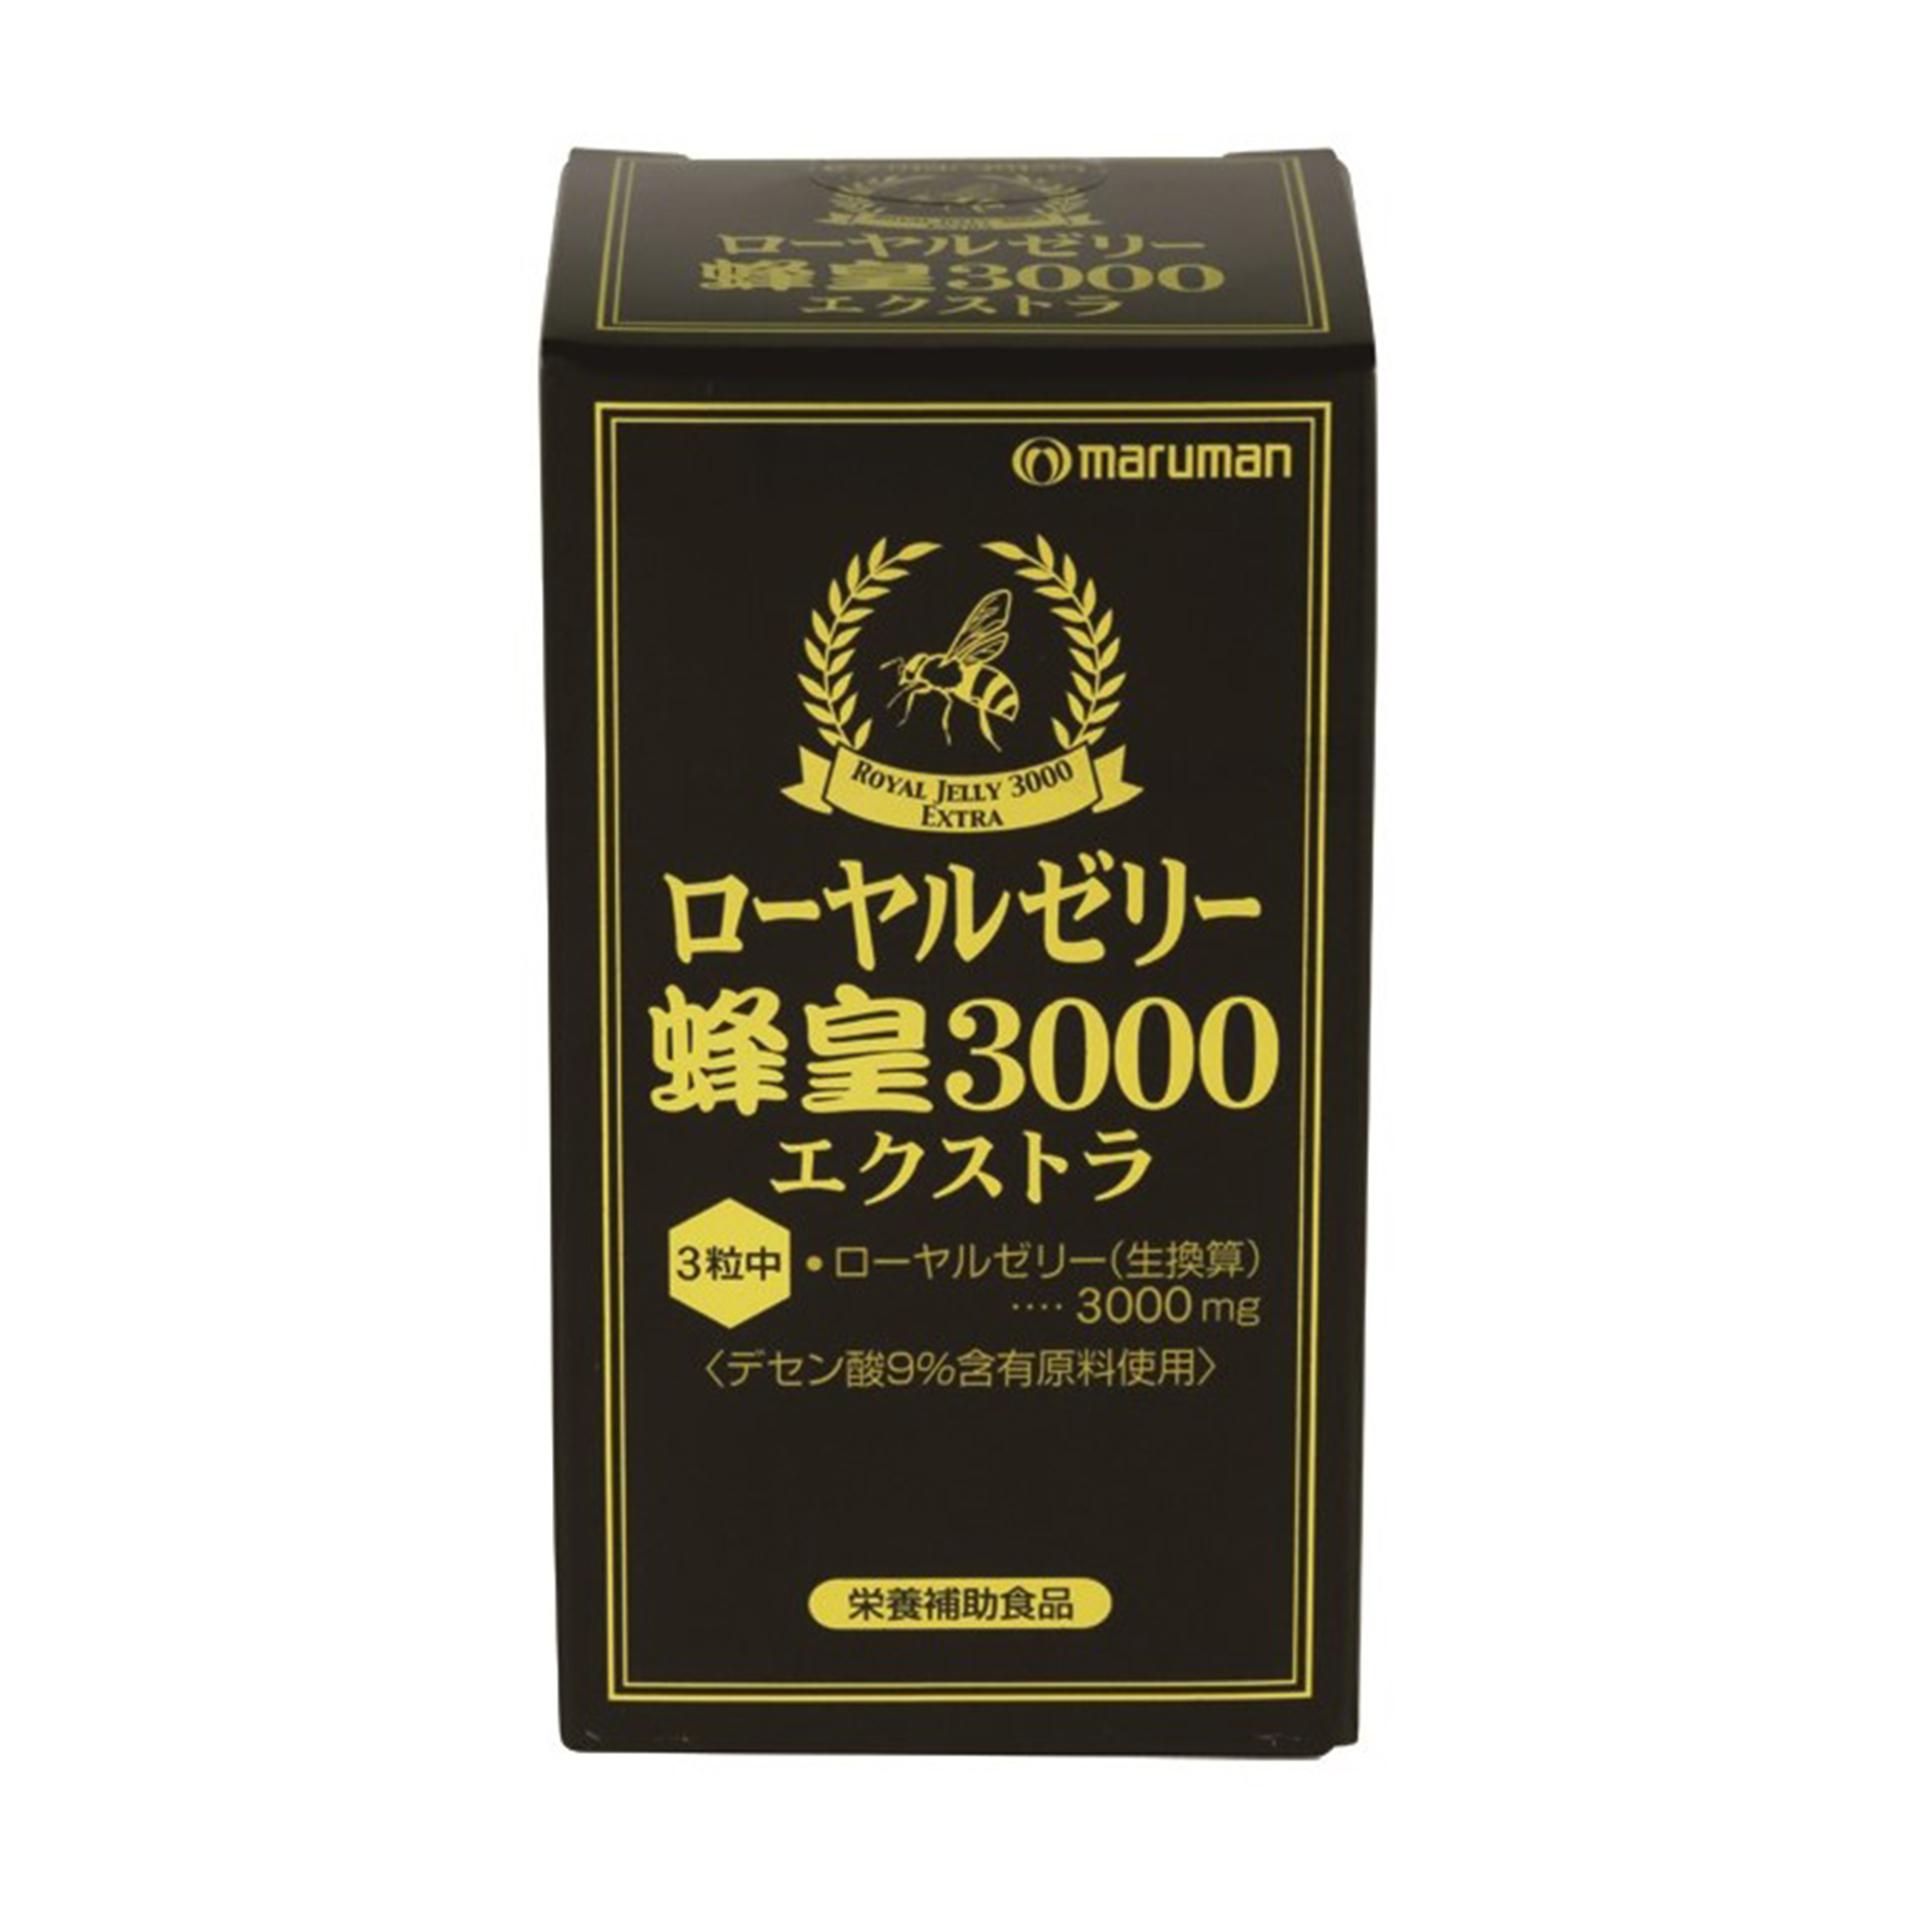 【ローヤルゼリー蜂皇3000エクストラ】